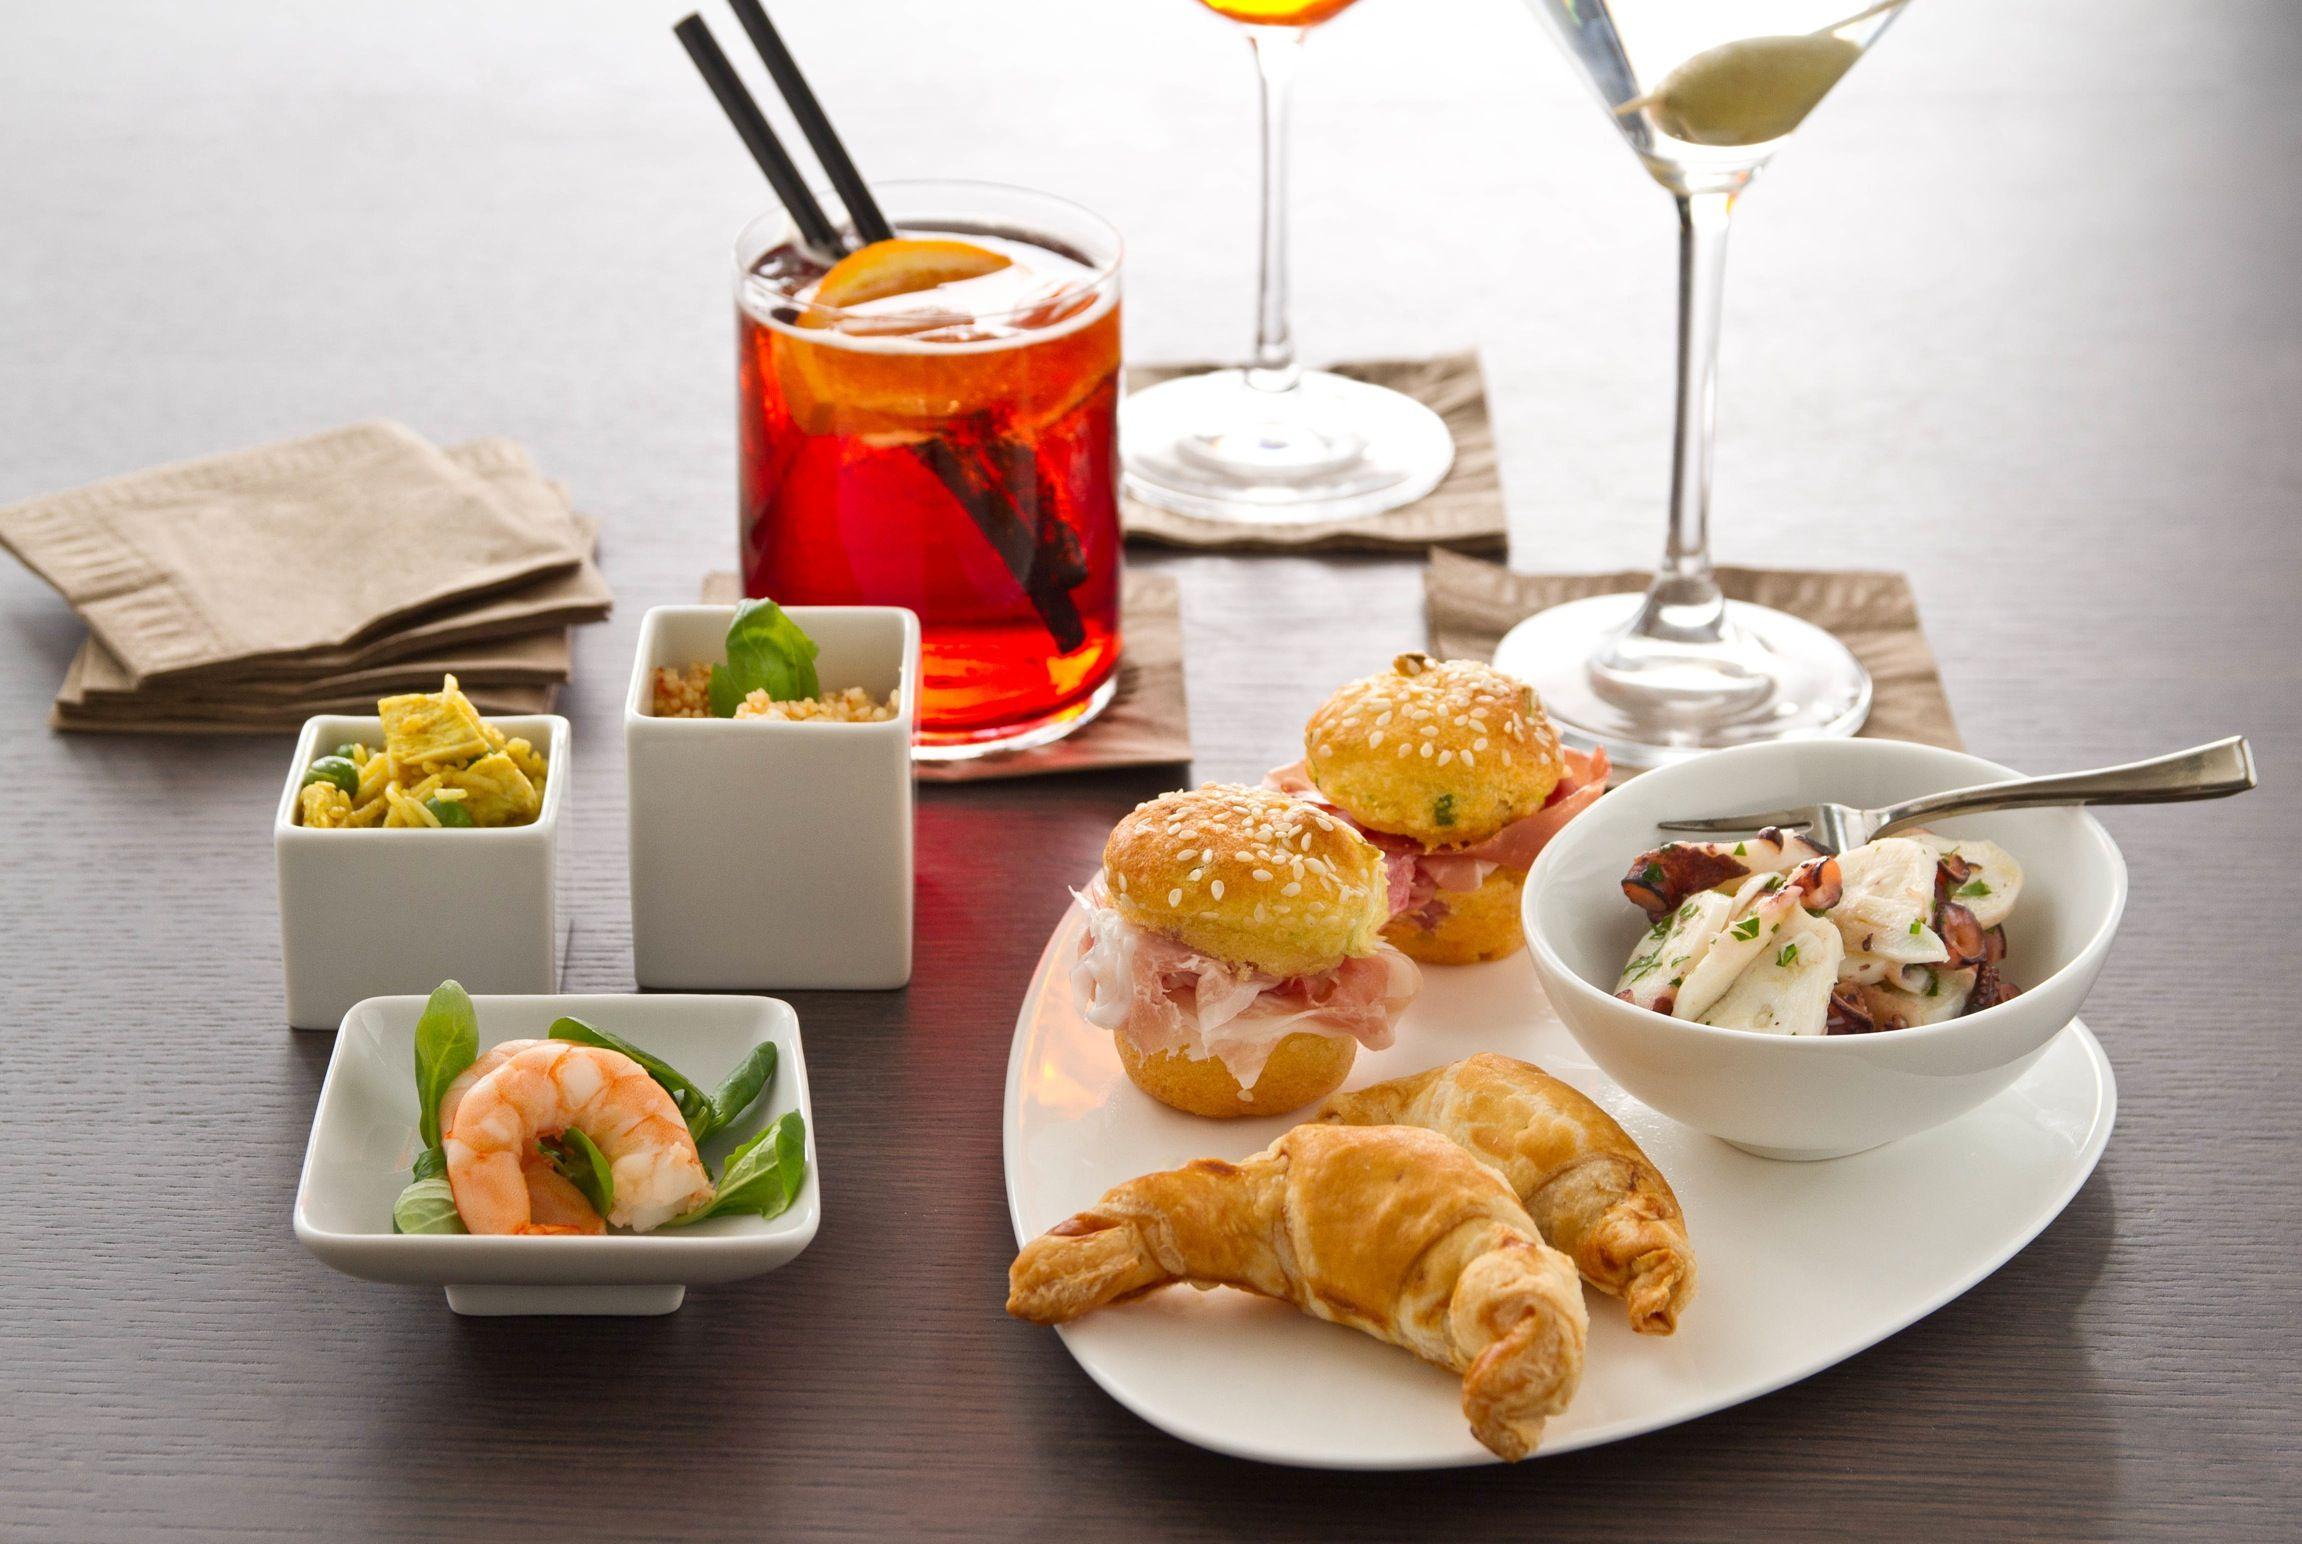 Bere quando sei a dieta: i cocktail con meno calorie